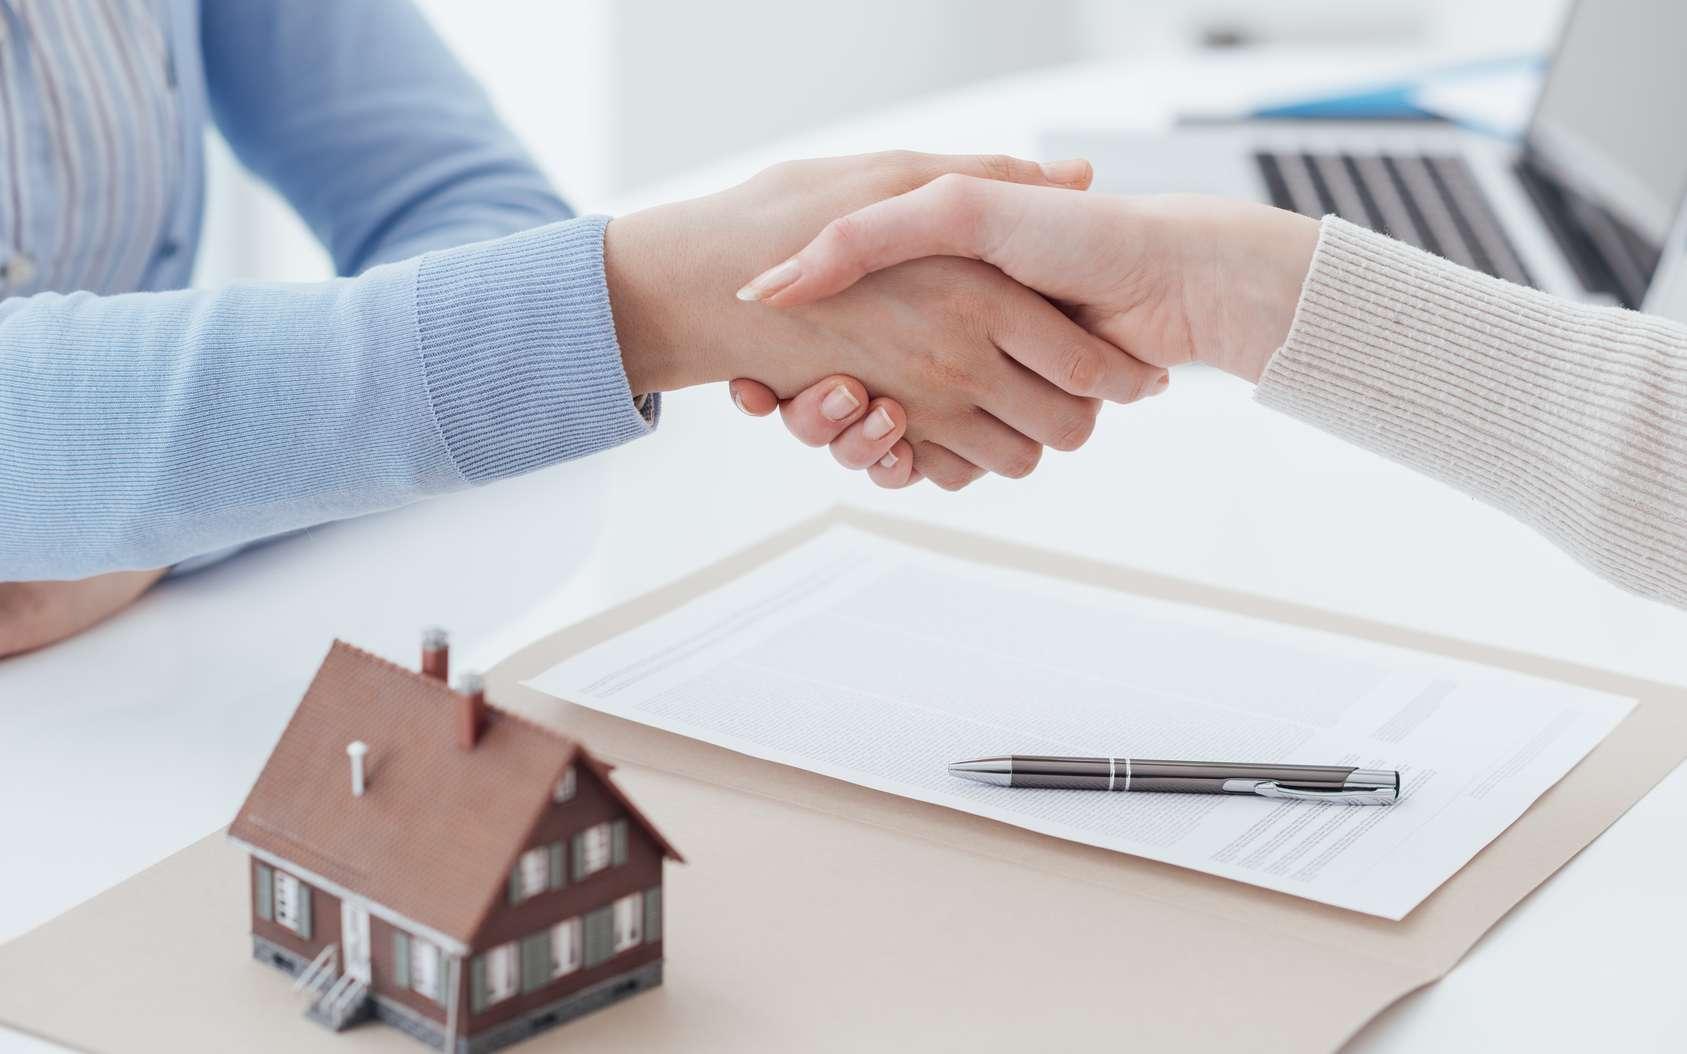 Les mensualités du crédit sont constituées uniquement d'intérêts et le montant emprunté remboursé en fin de prêt. © StockPhotoPro, Fotolia